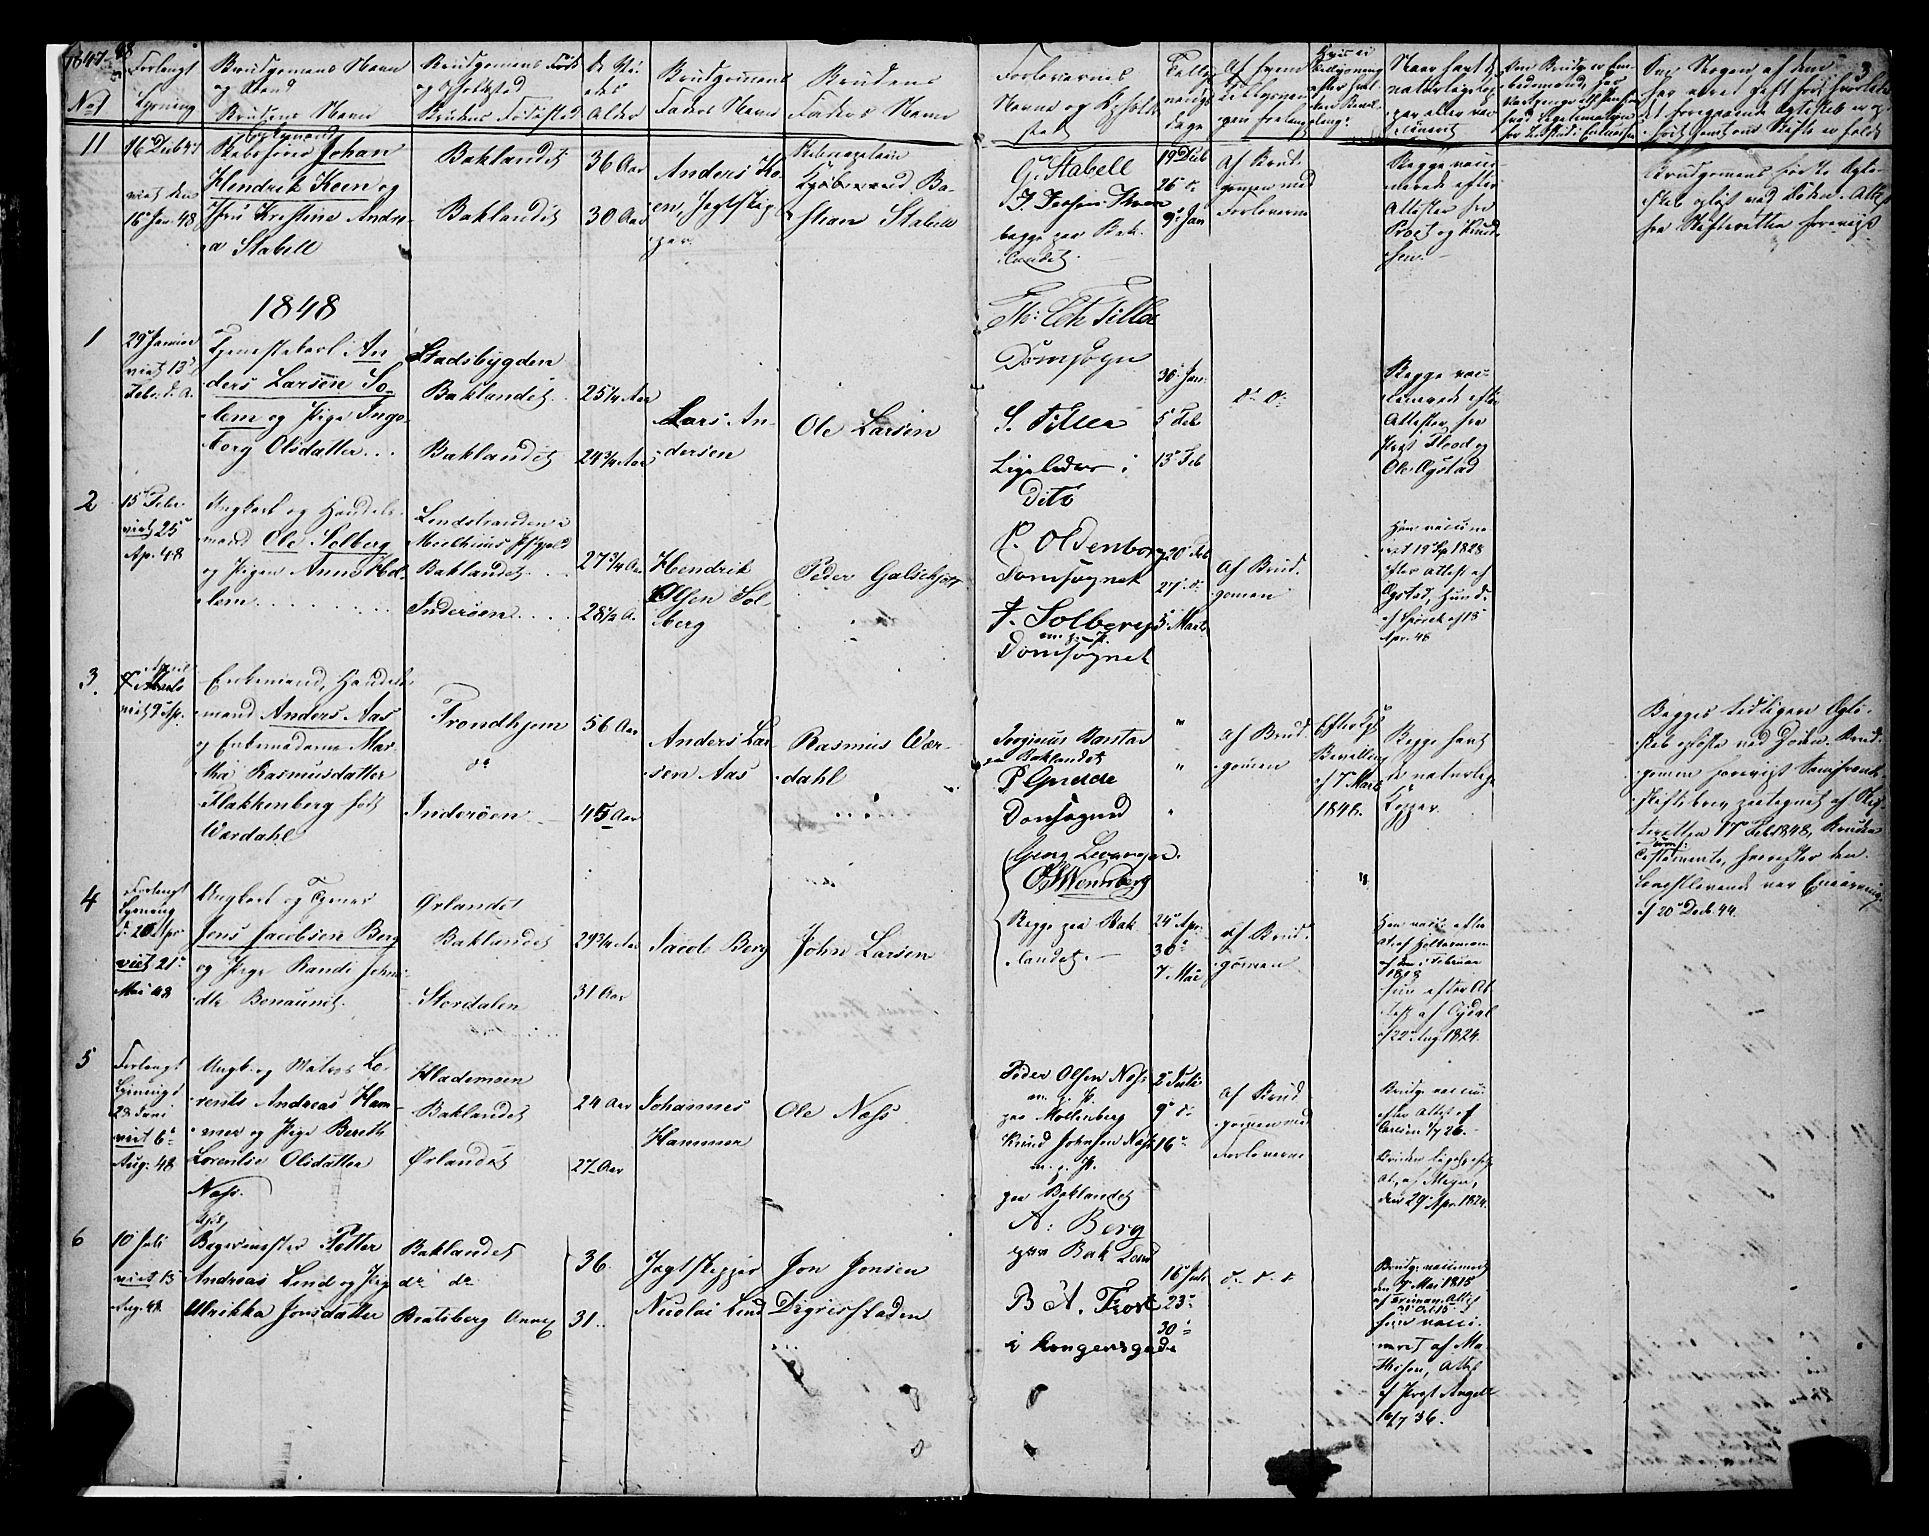 SAT, Ministerialprotokoller, klokkerbøker og fødselsregistre - Sør-Trøndelag, 604/L0187: Ministerialbok nr. 604A08, 1847-1878, s. 3